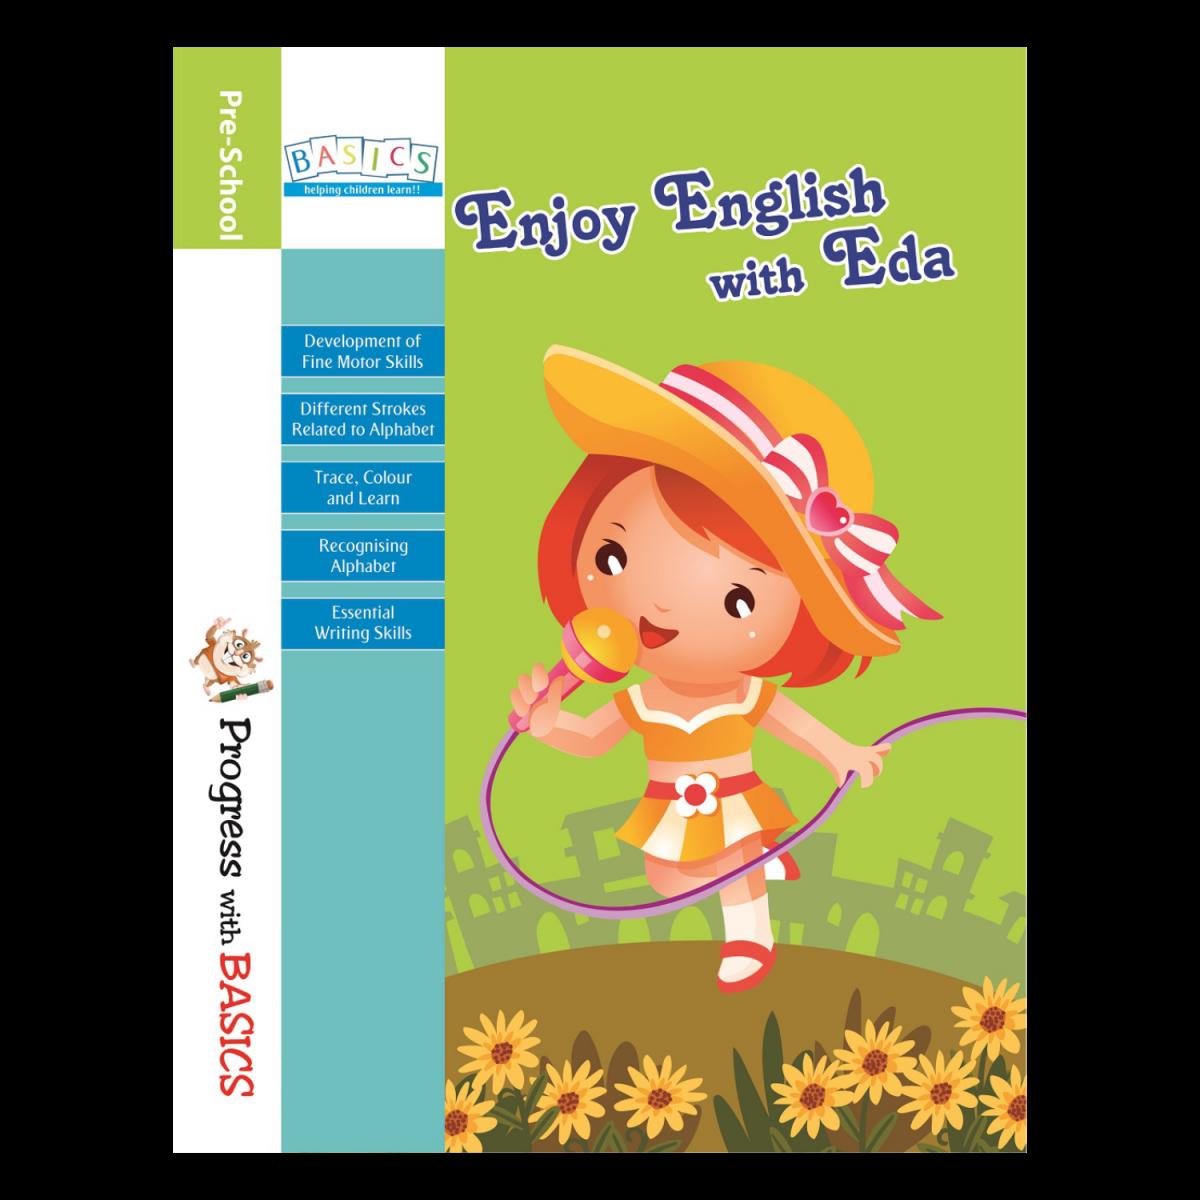 Enjoy English with Eda ( Alphabet Capital Letter) - Basics